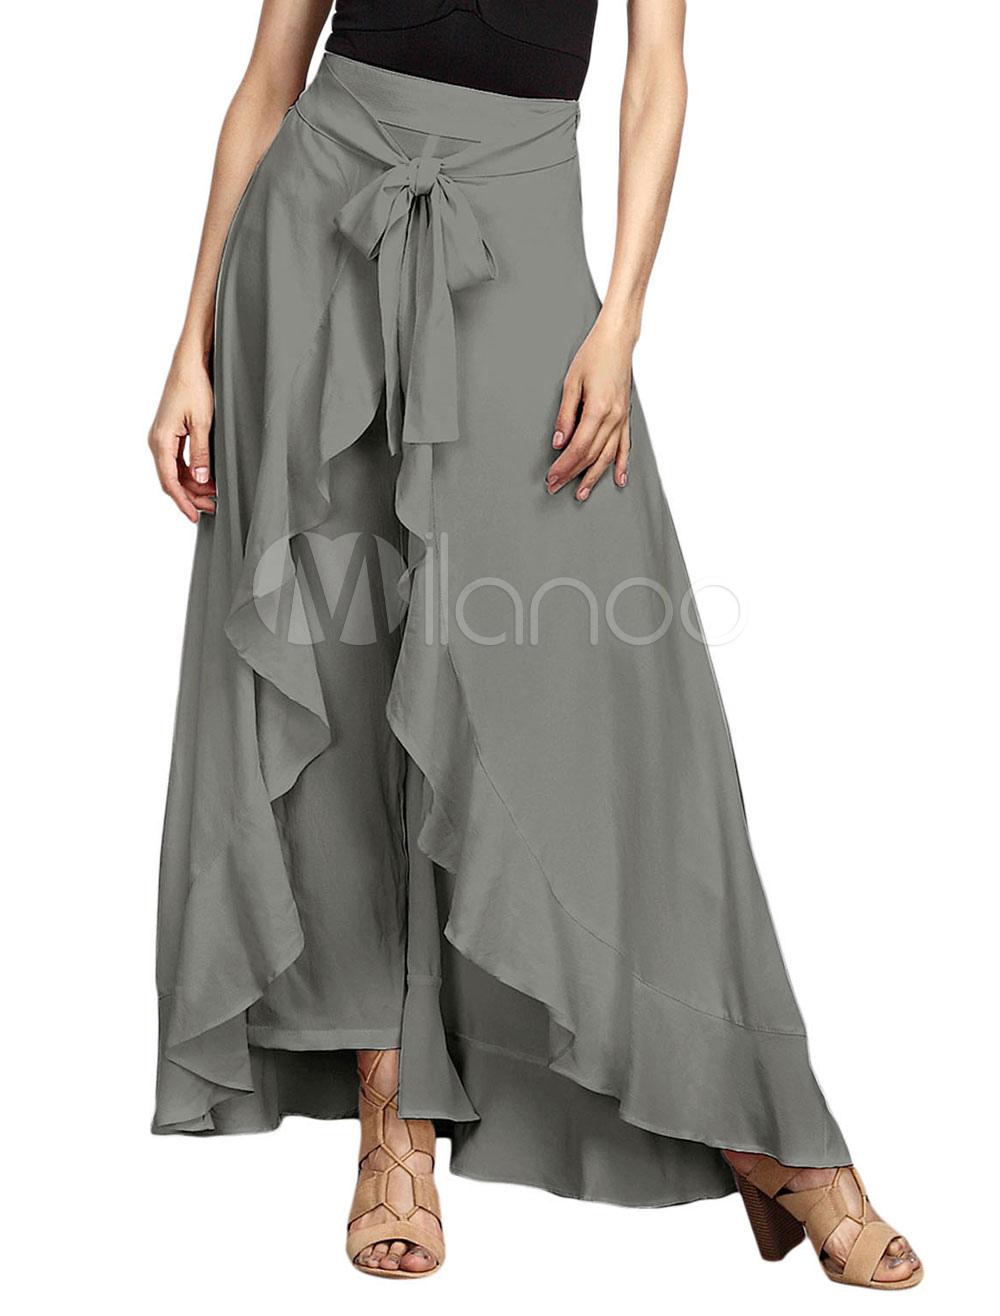 Women Summer Skirt Ruffles Chiffon Long Skirt